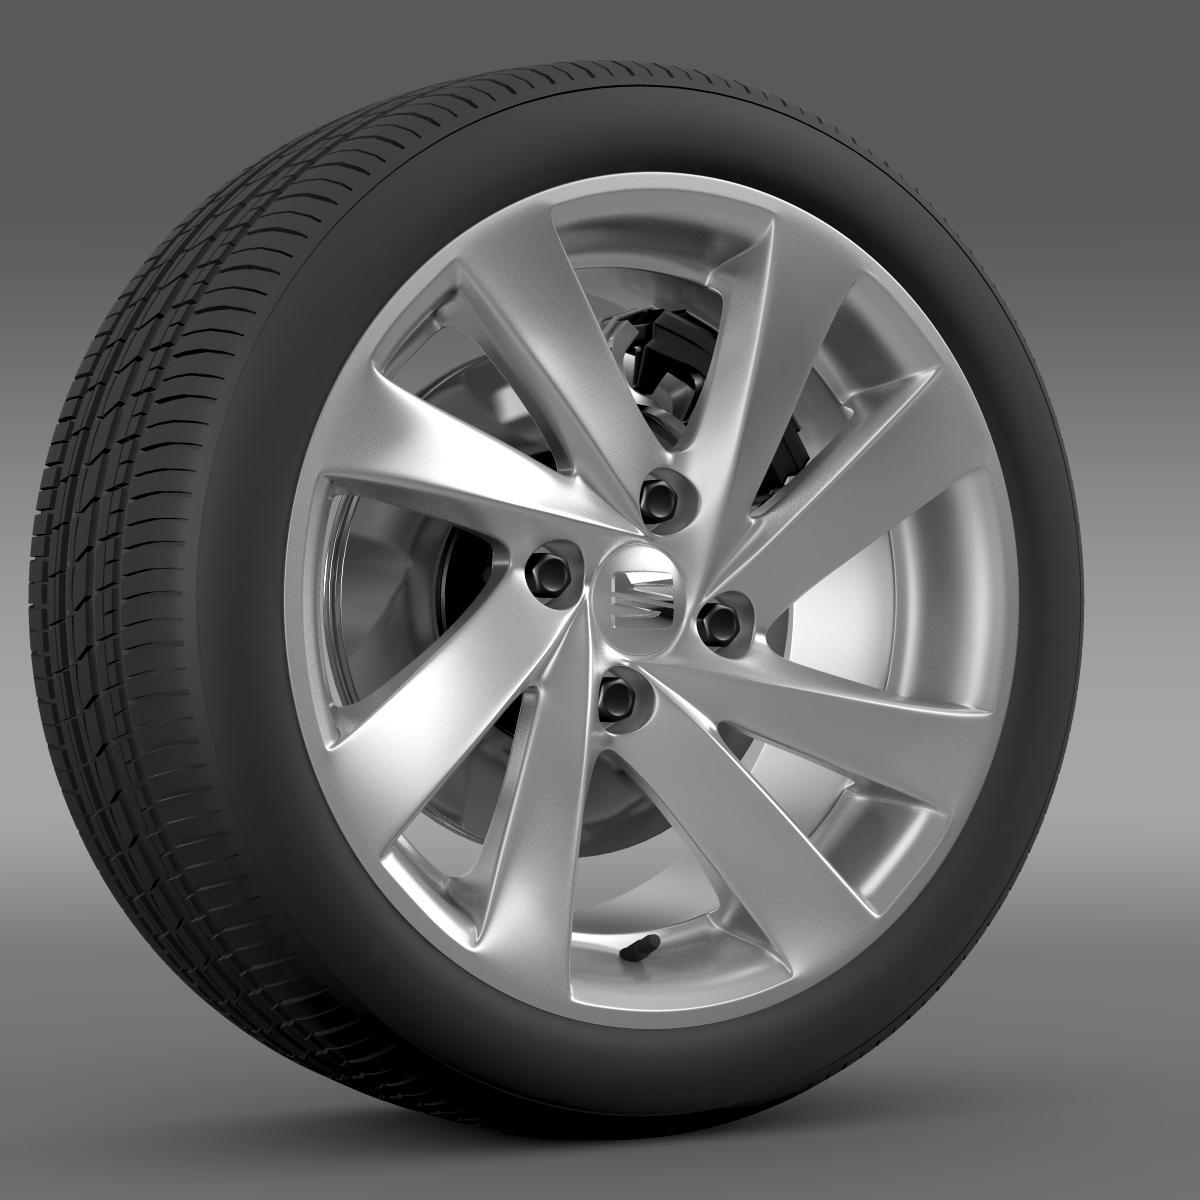 seat mii wheel 3d model 3ds max fbx c4d lwo ma mb hrc xsi obj 210858